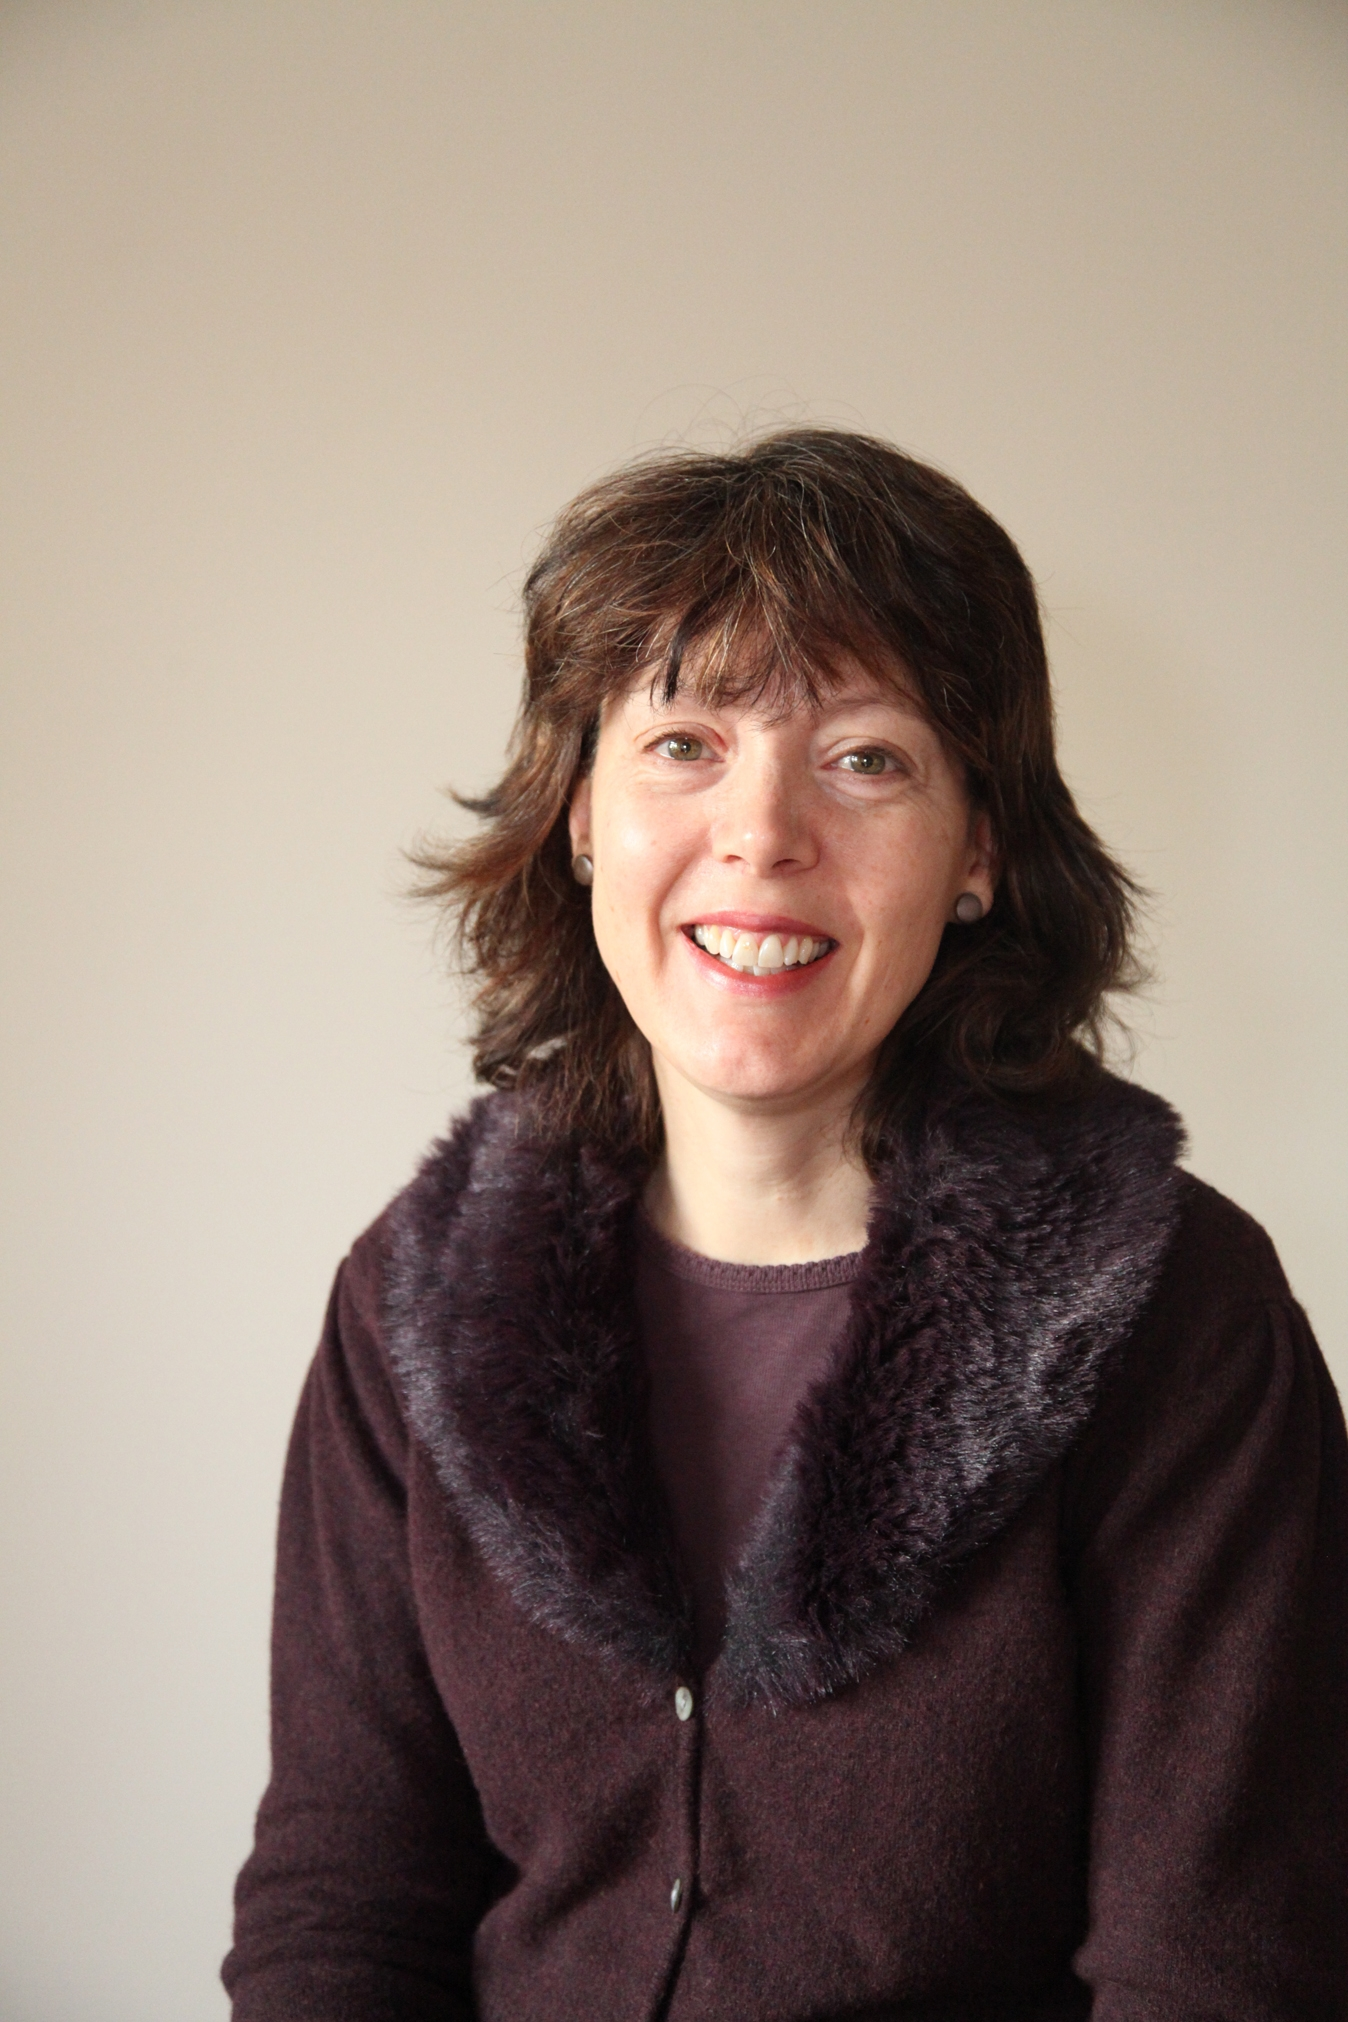 Sarah Meyrick